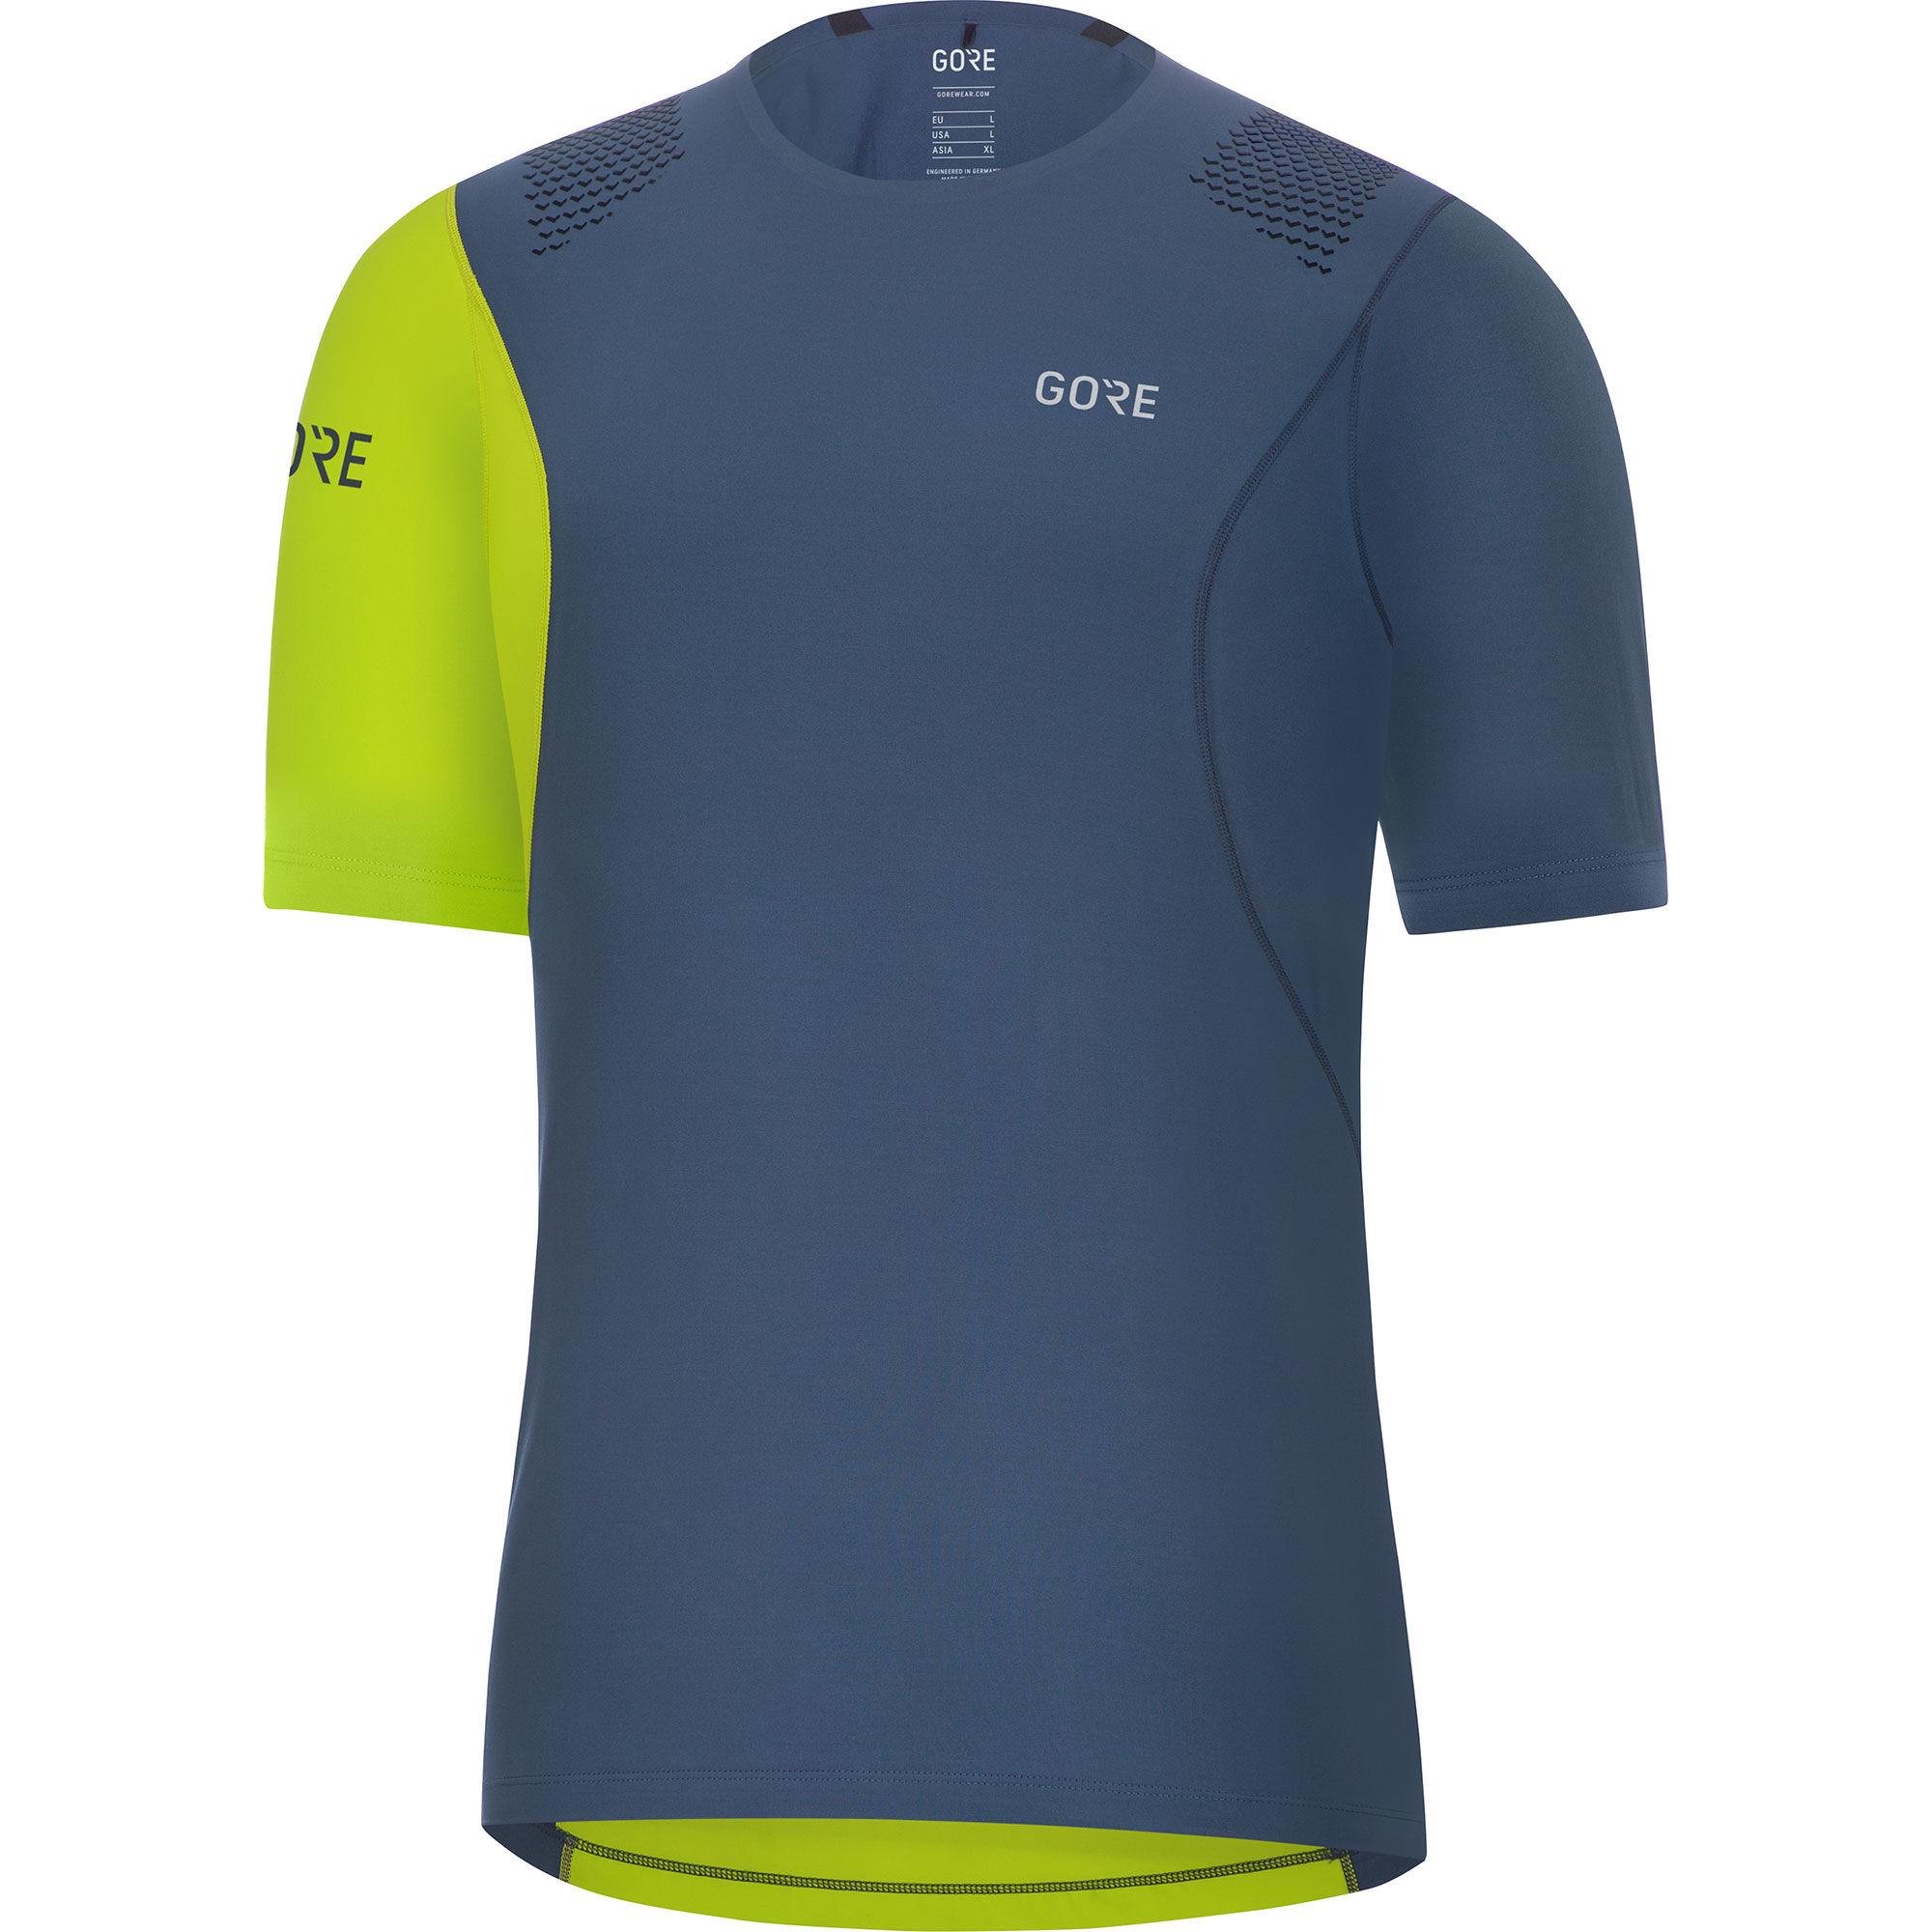 Gore R7 Shirt (Blau Grün)